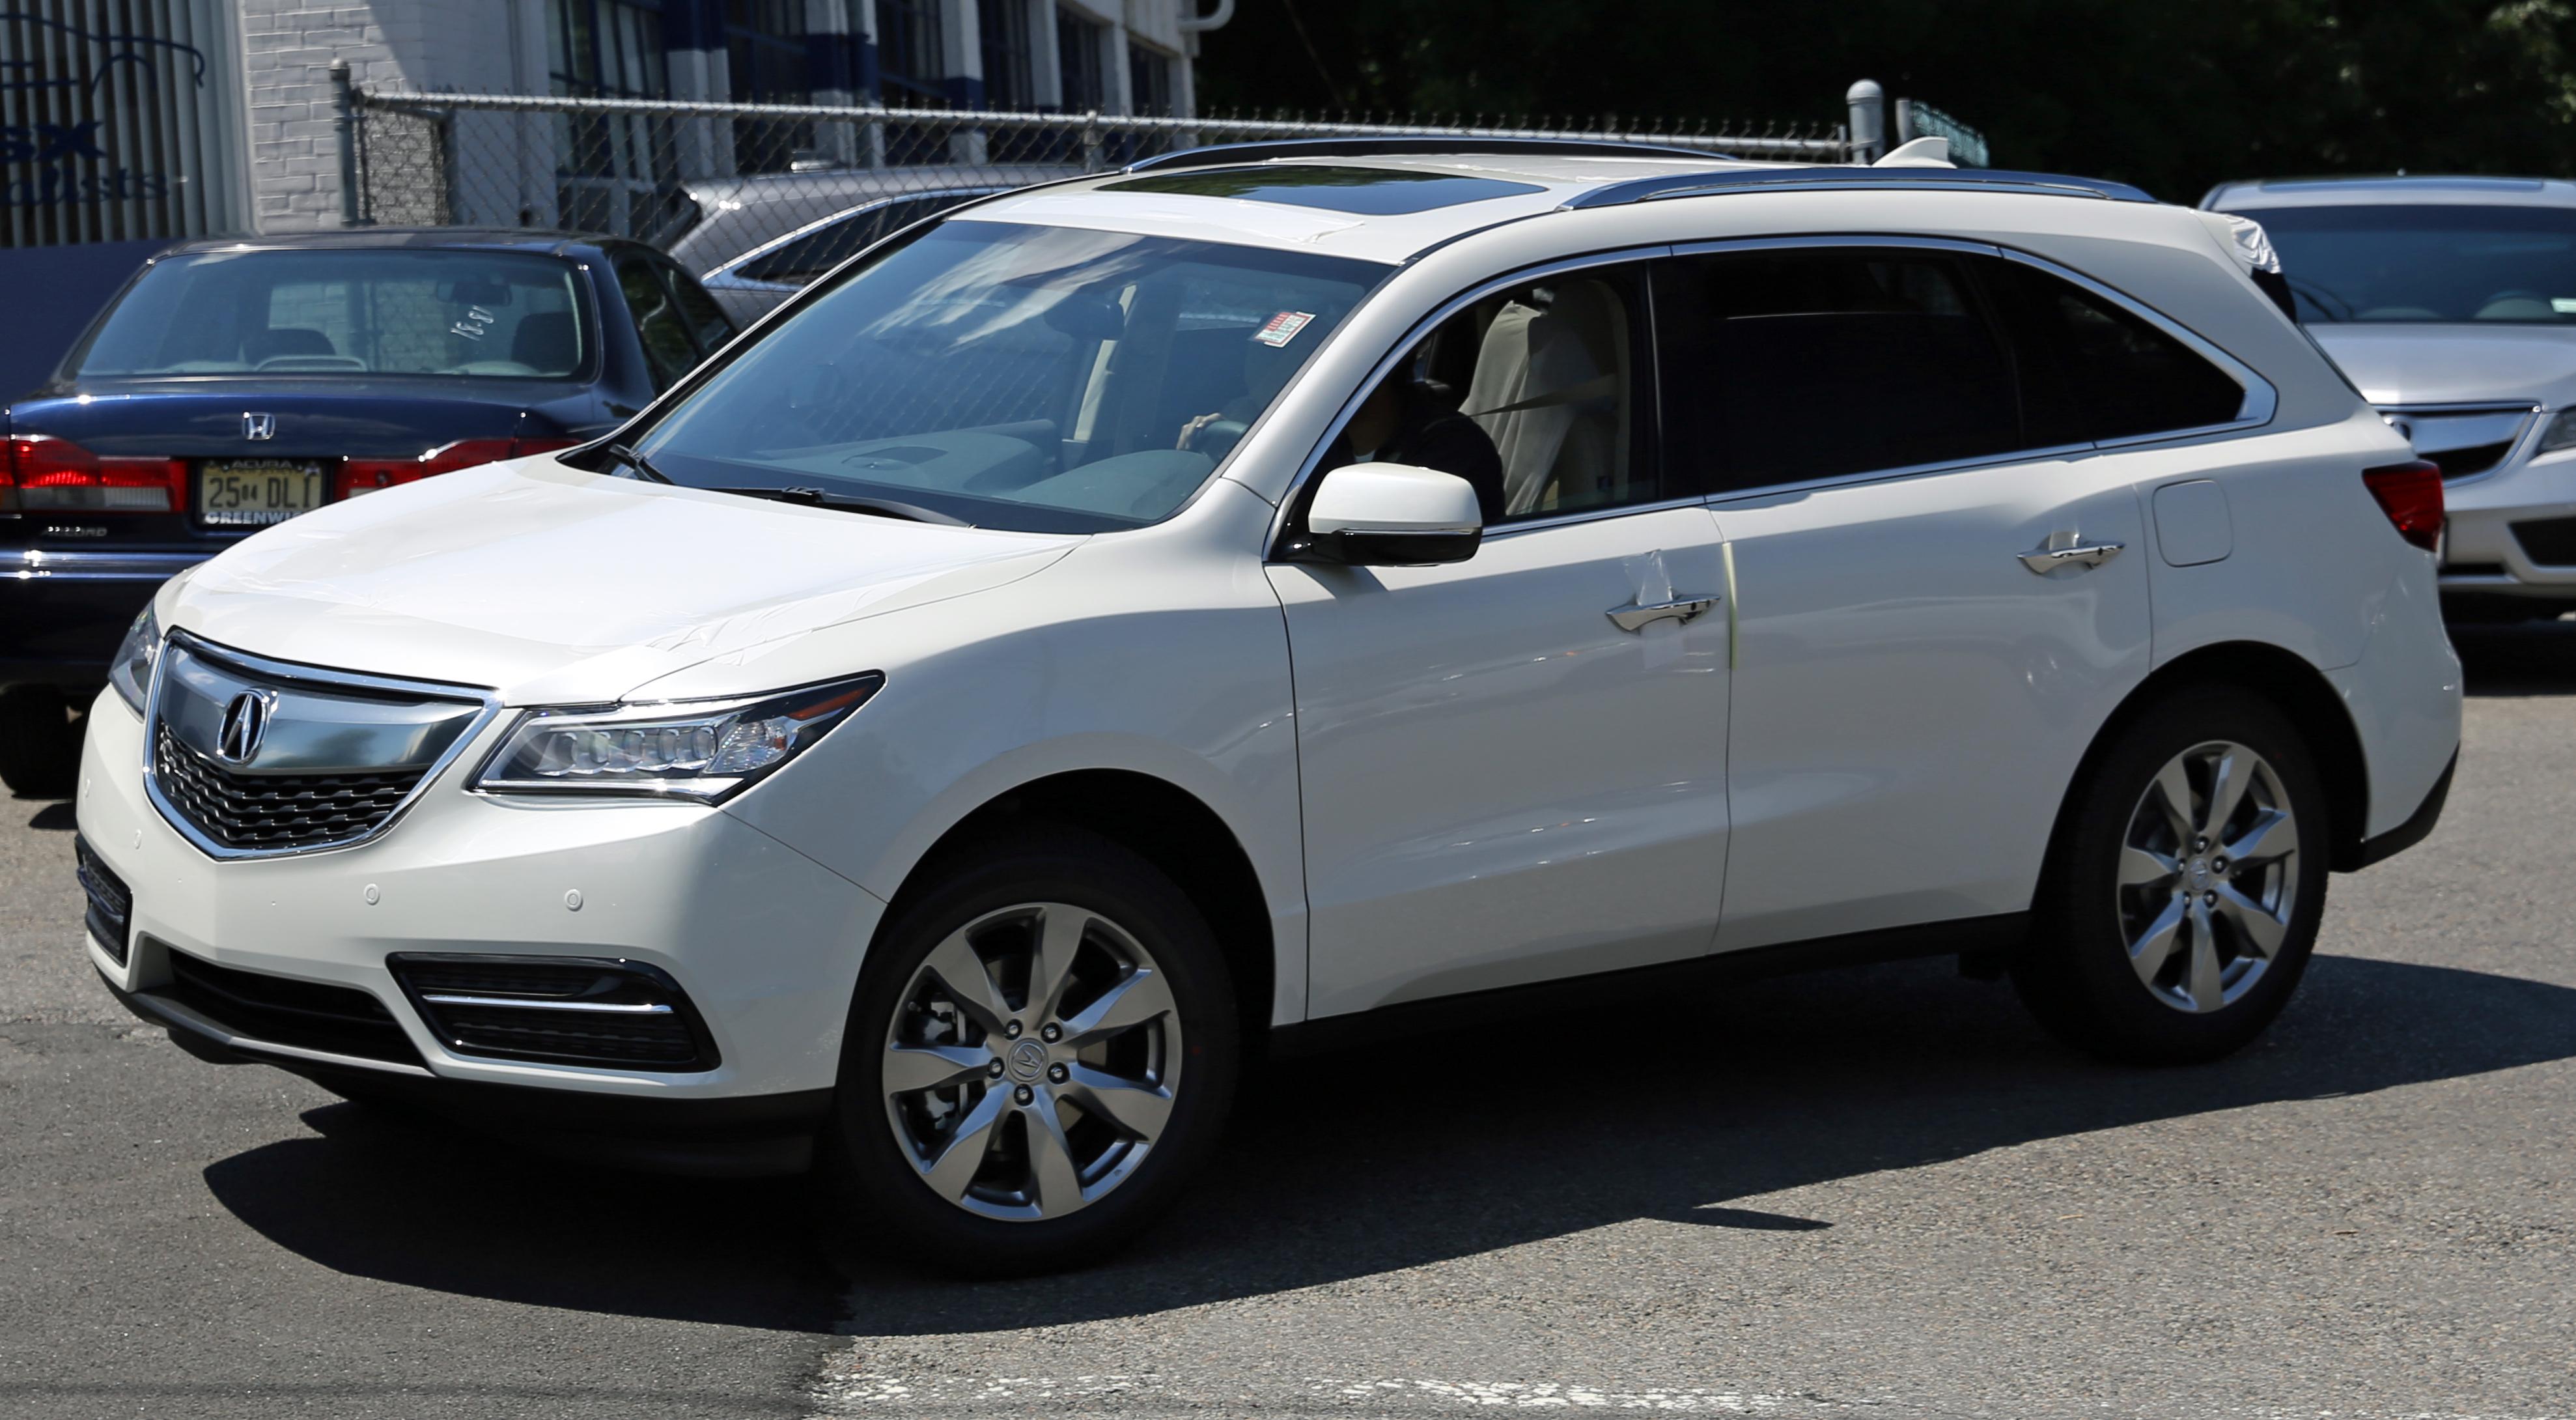 2014 Acura MDX White